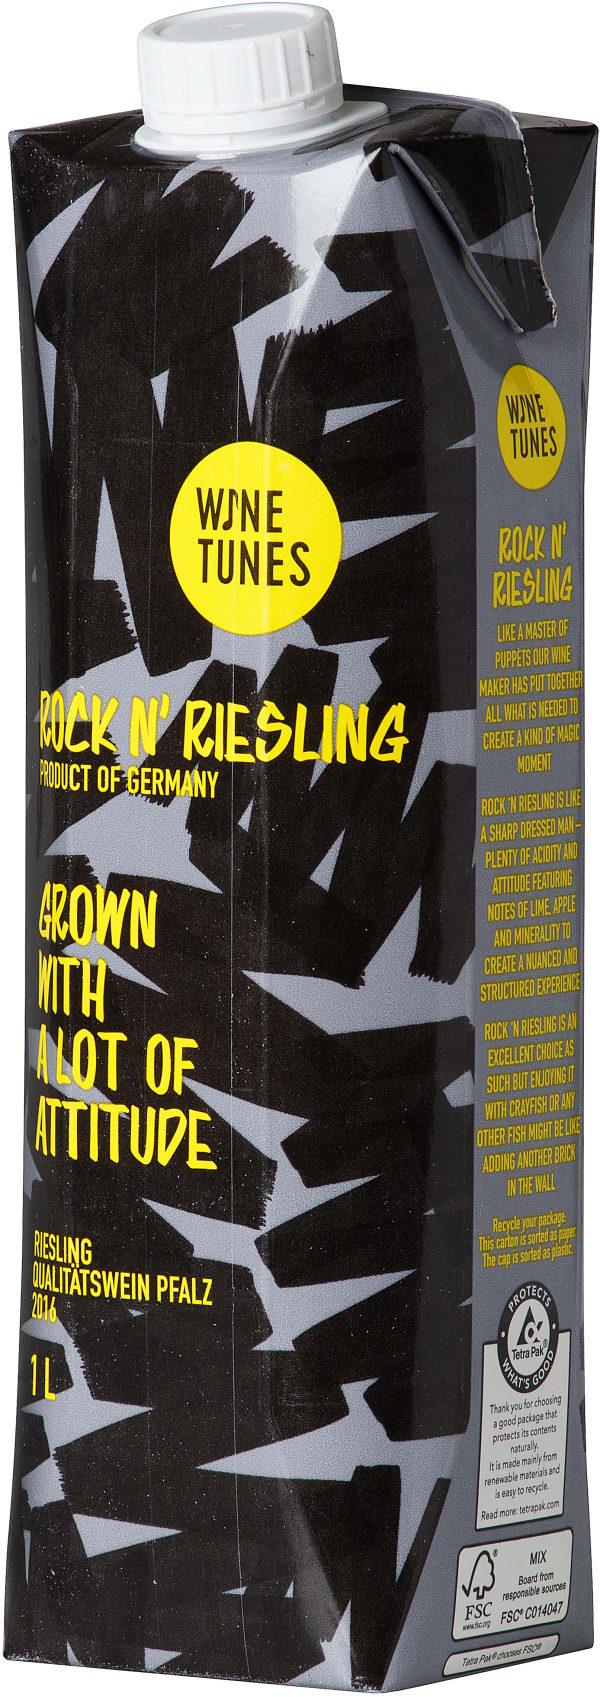 Wine Tunes Rock'n Riesling 2016 kartongförpackning